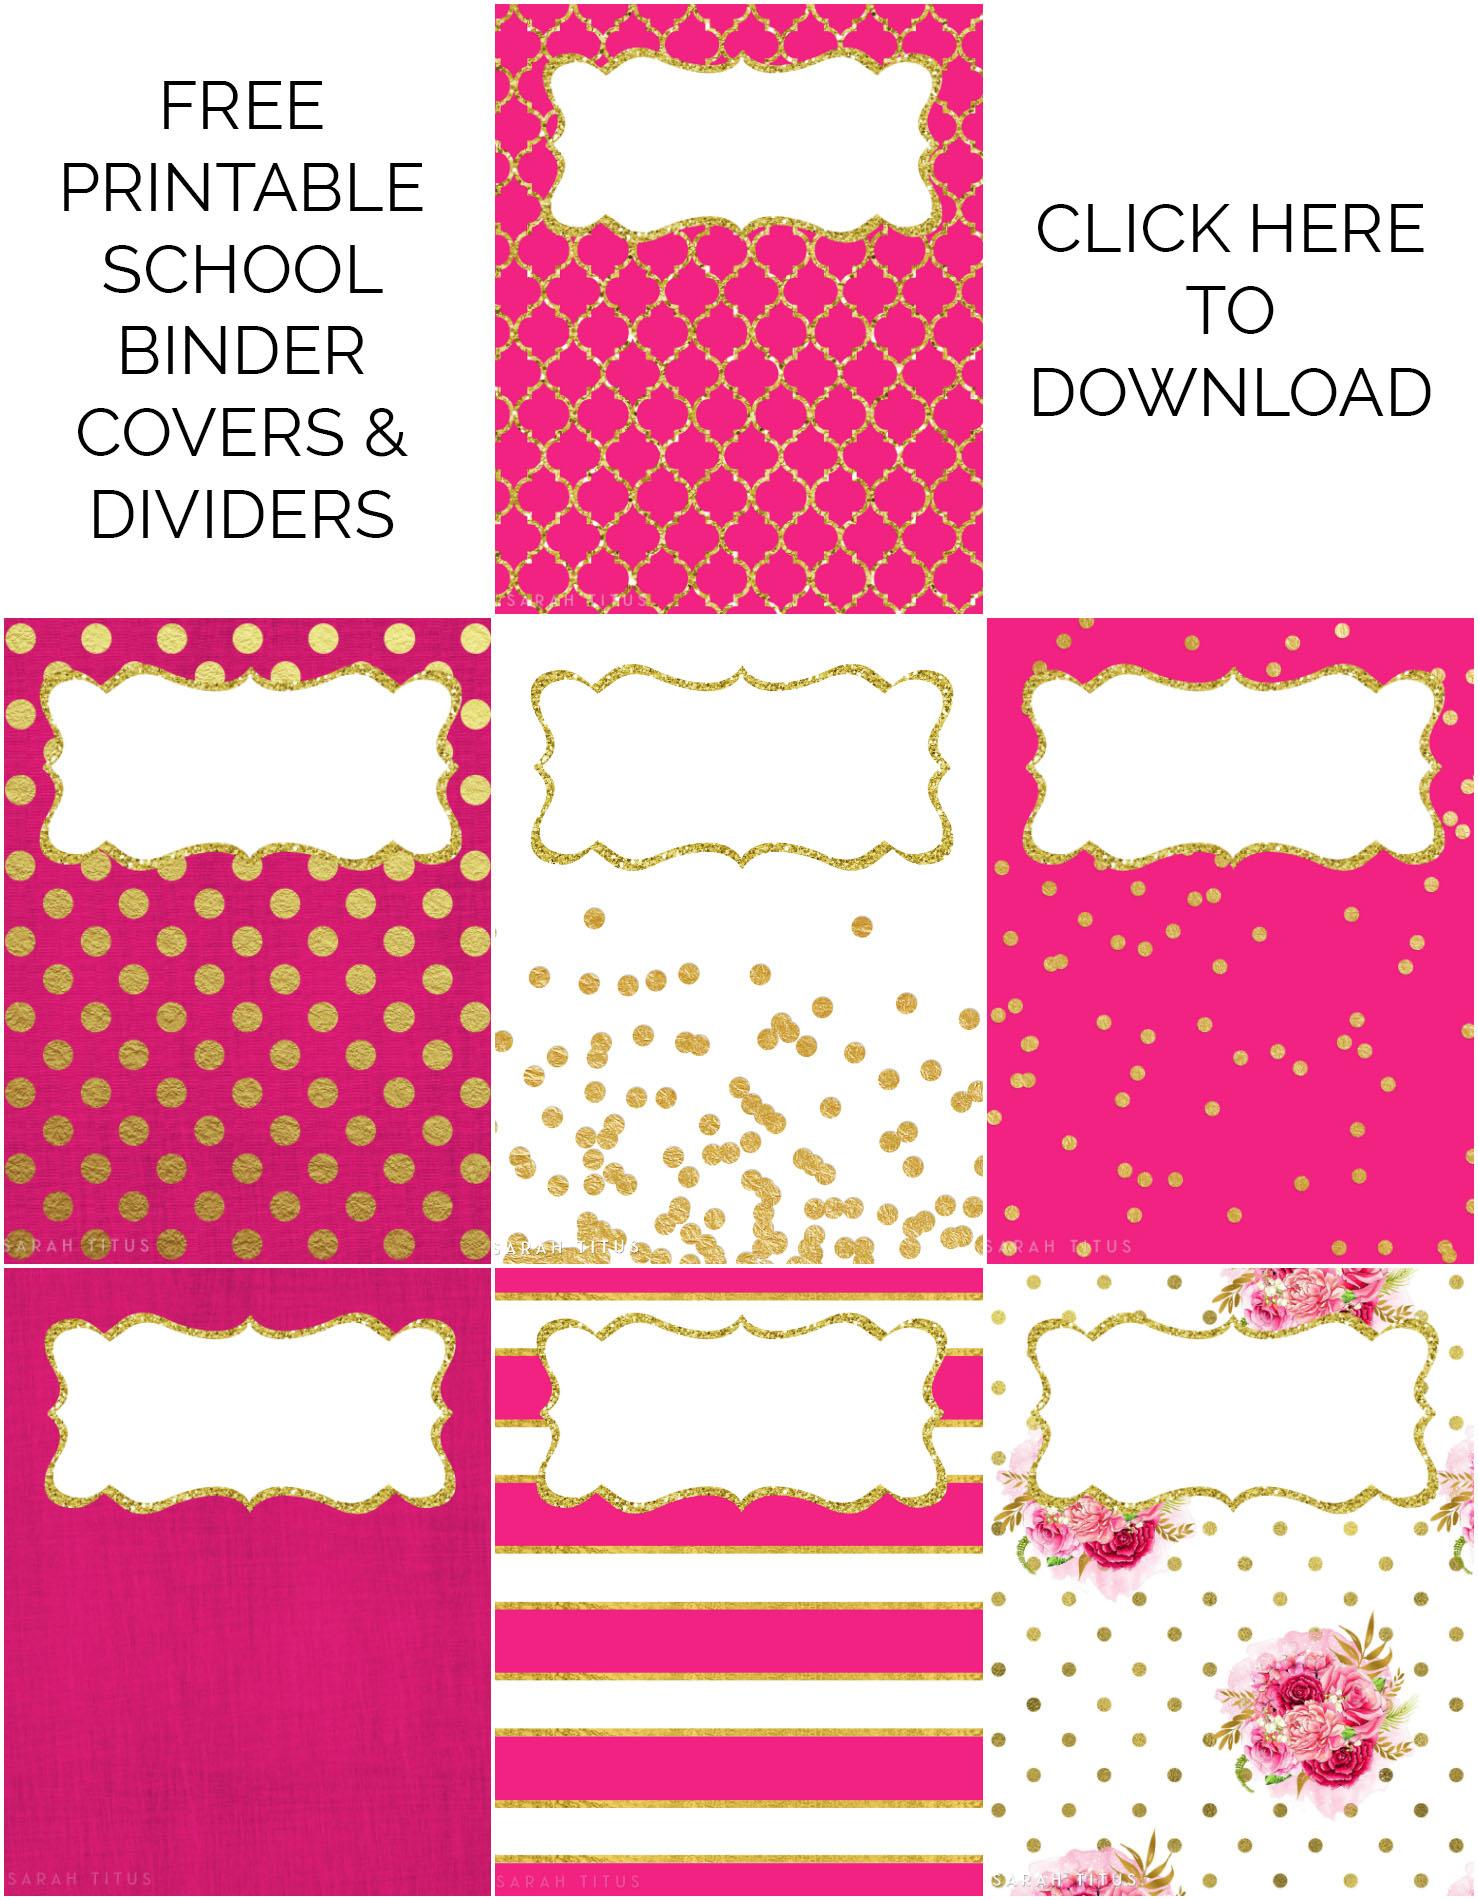 Binder Covers / Dividers Free Printables - Sarah Titus - Free Printable Binder Covers